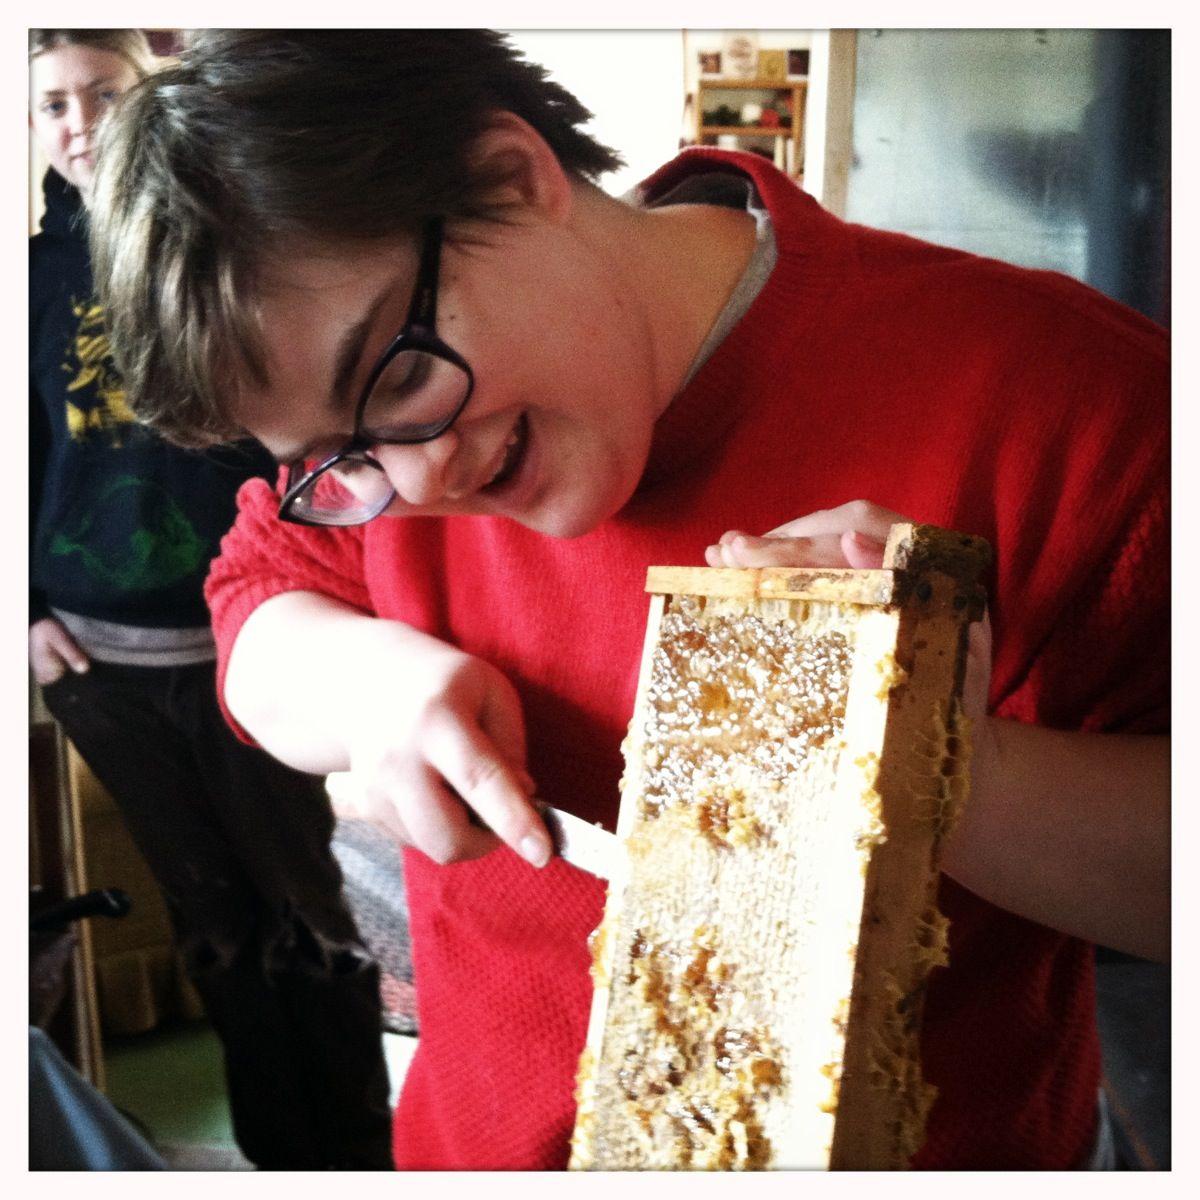 Teresa scraping honeycomb